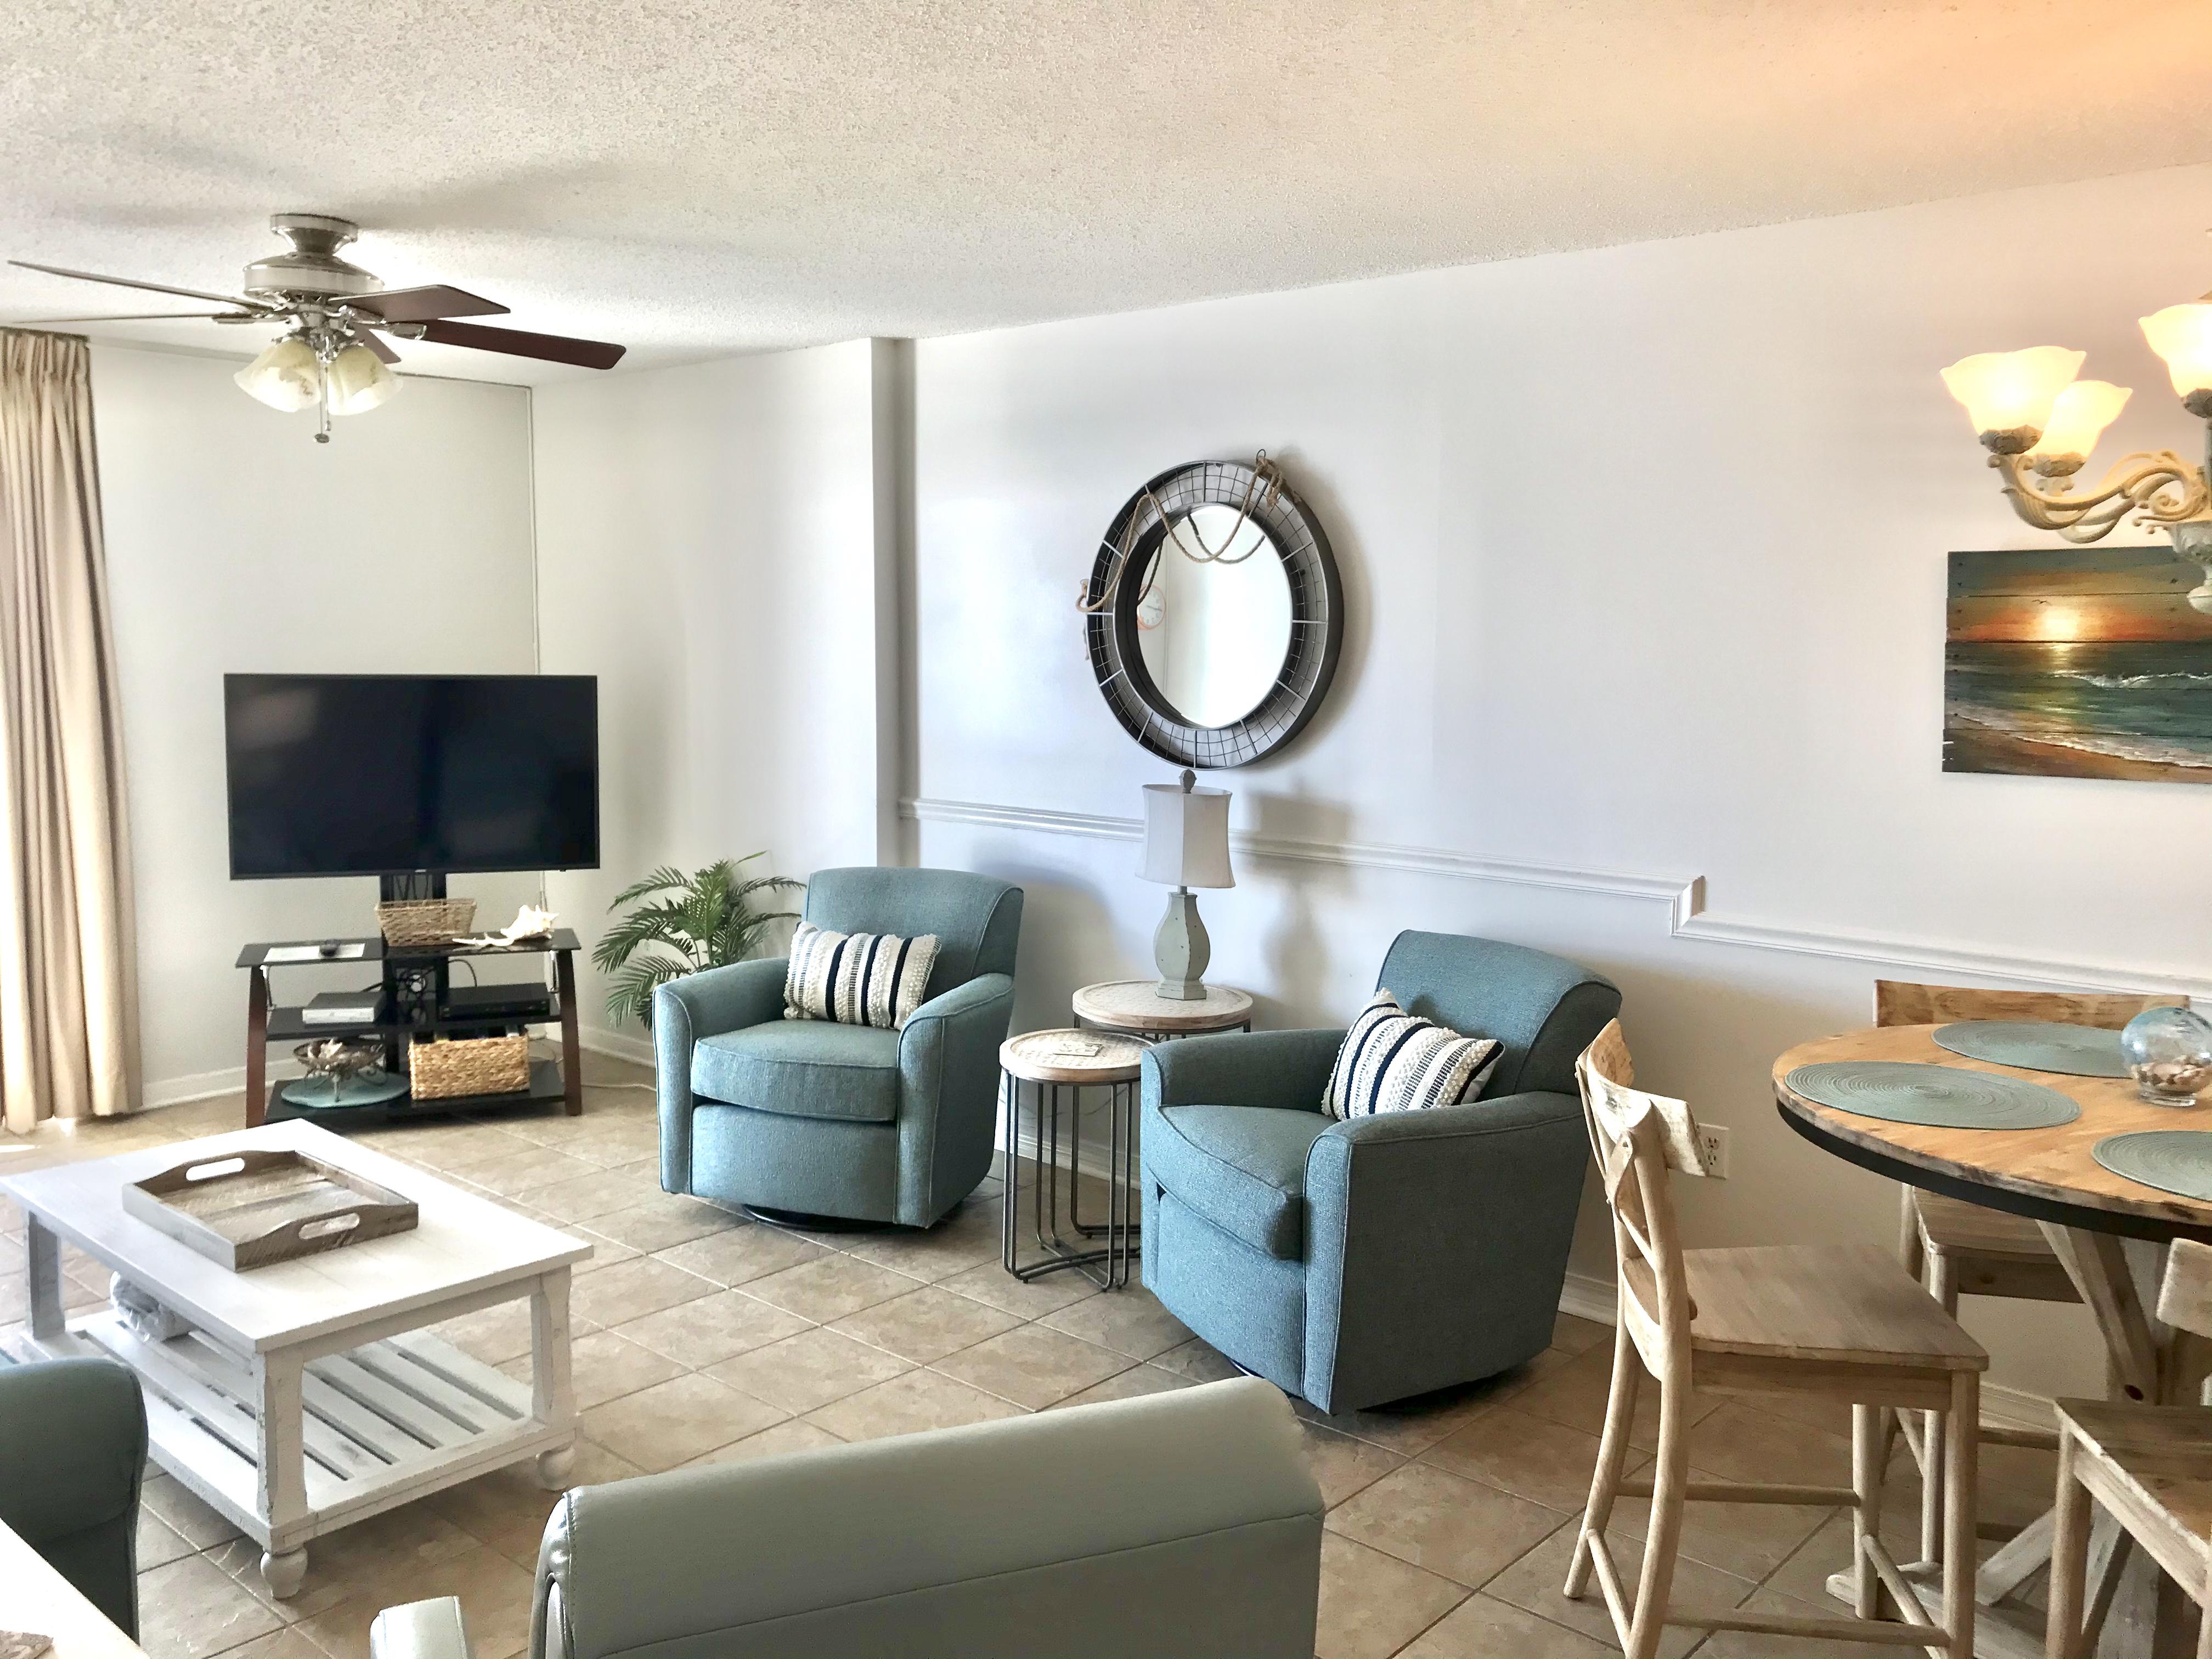 Ocean House 1905 Condo rental in Ocean House - Gulf Shores in Gulf Shores Alabama - #14